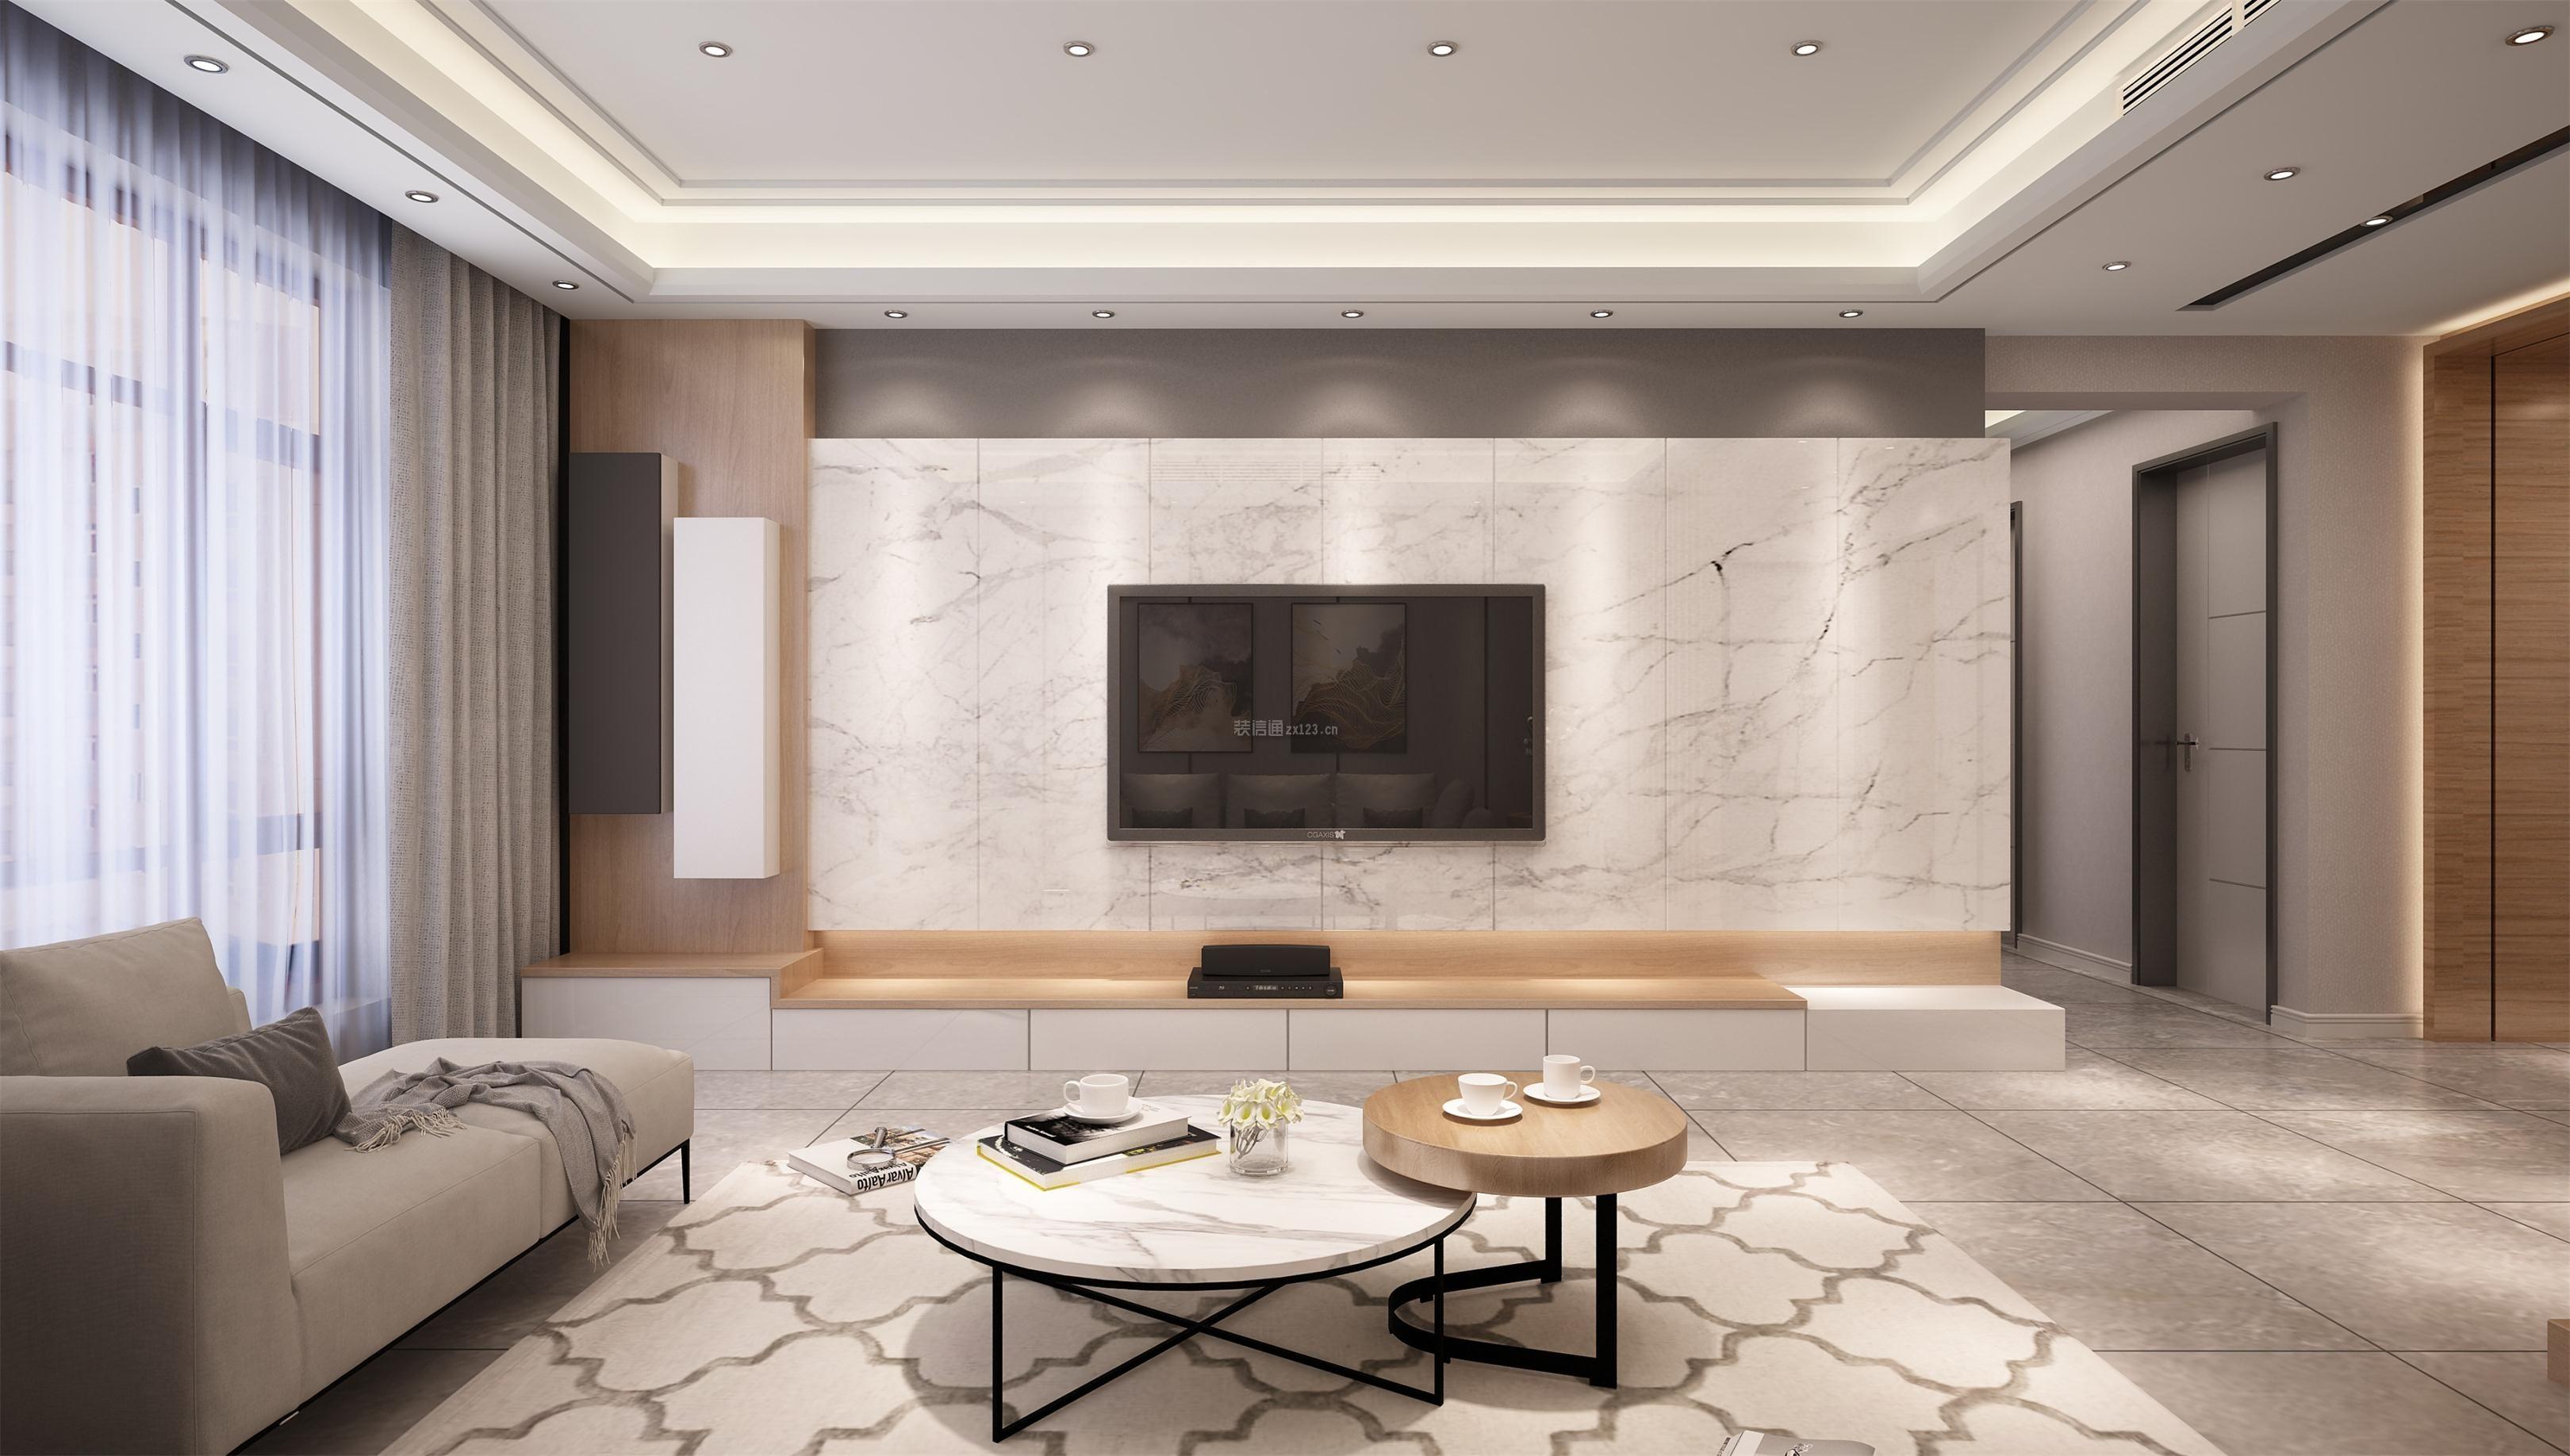 现代风格家庭创意电视墙装修效果图大全图片